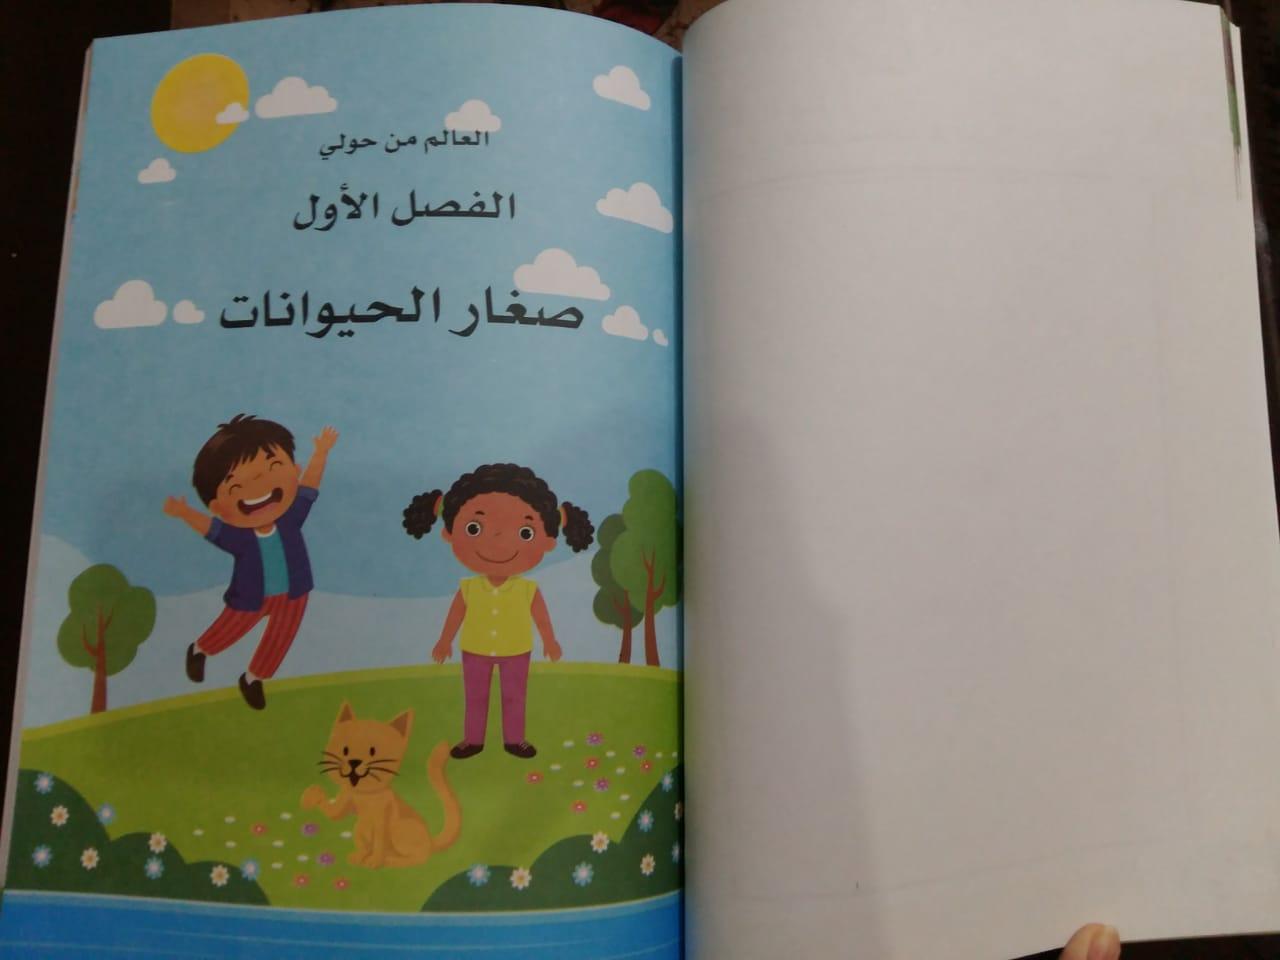 منهج رياض الأطفال الجديد (33)